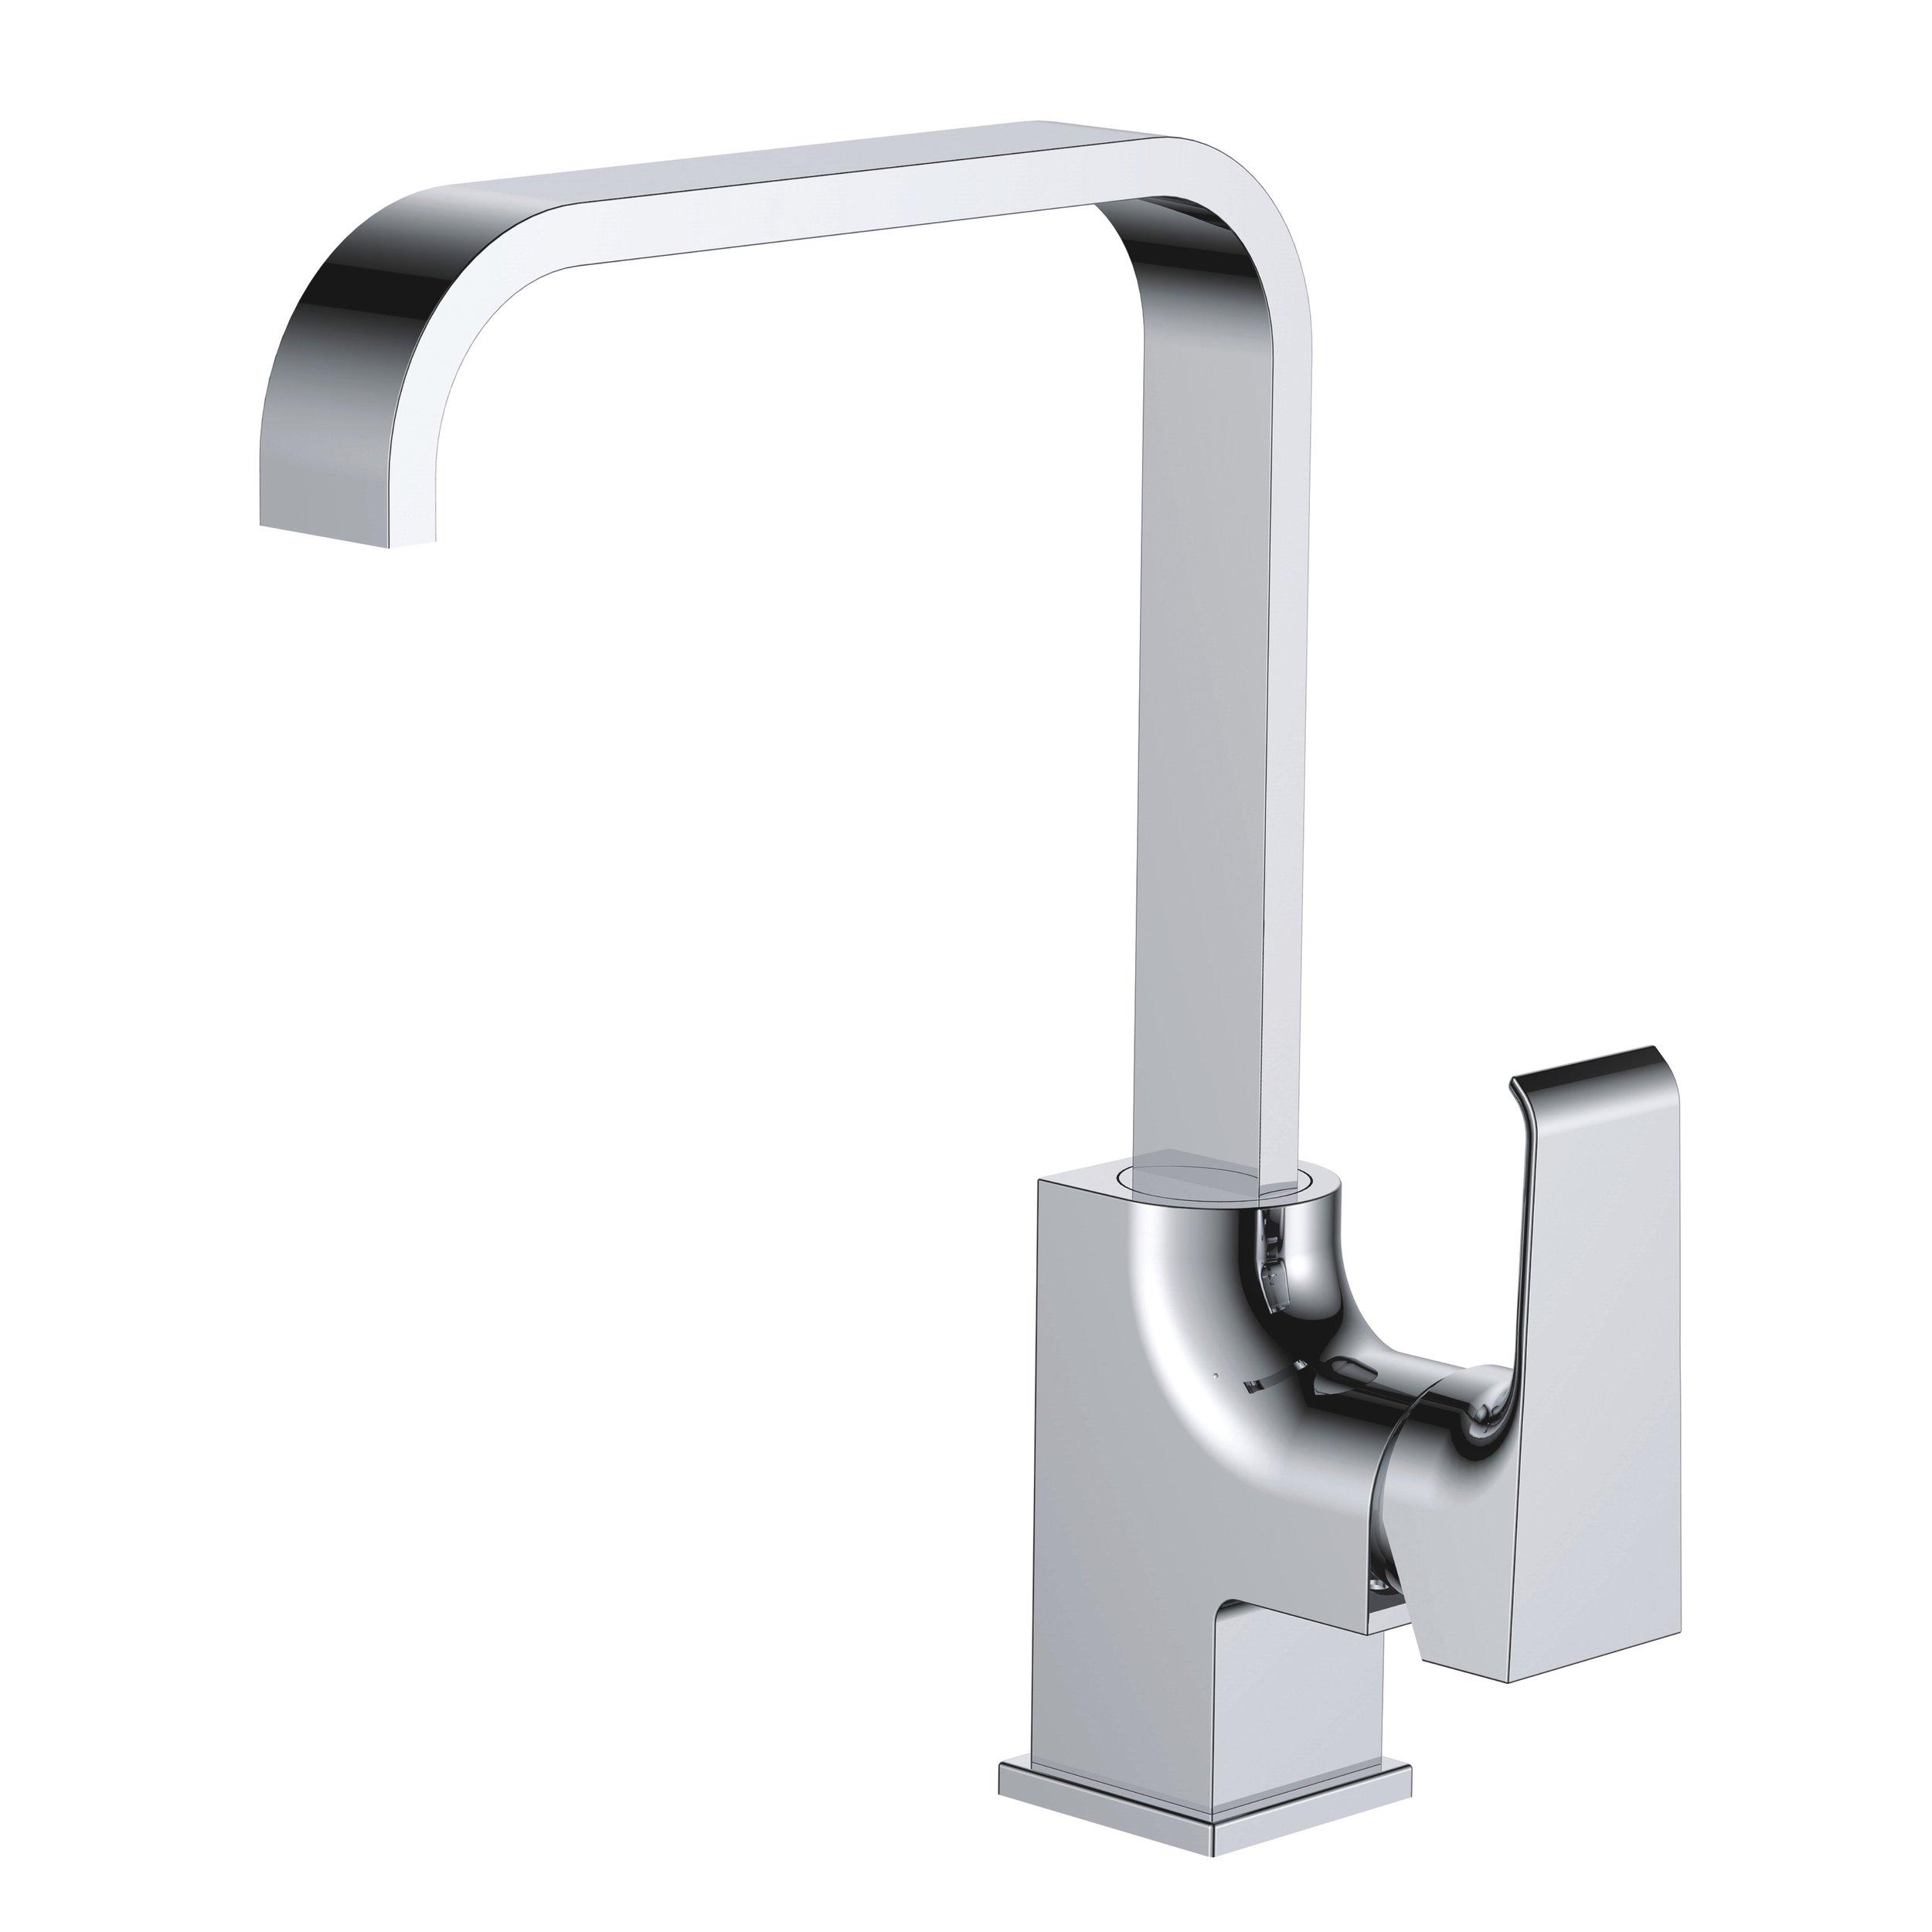 716-104:Sink faucet